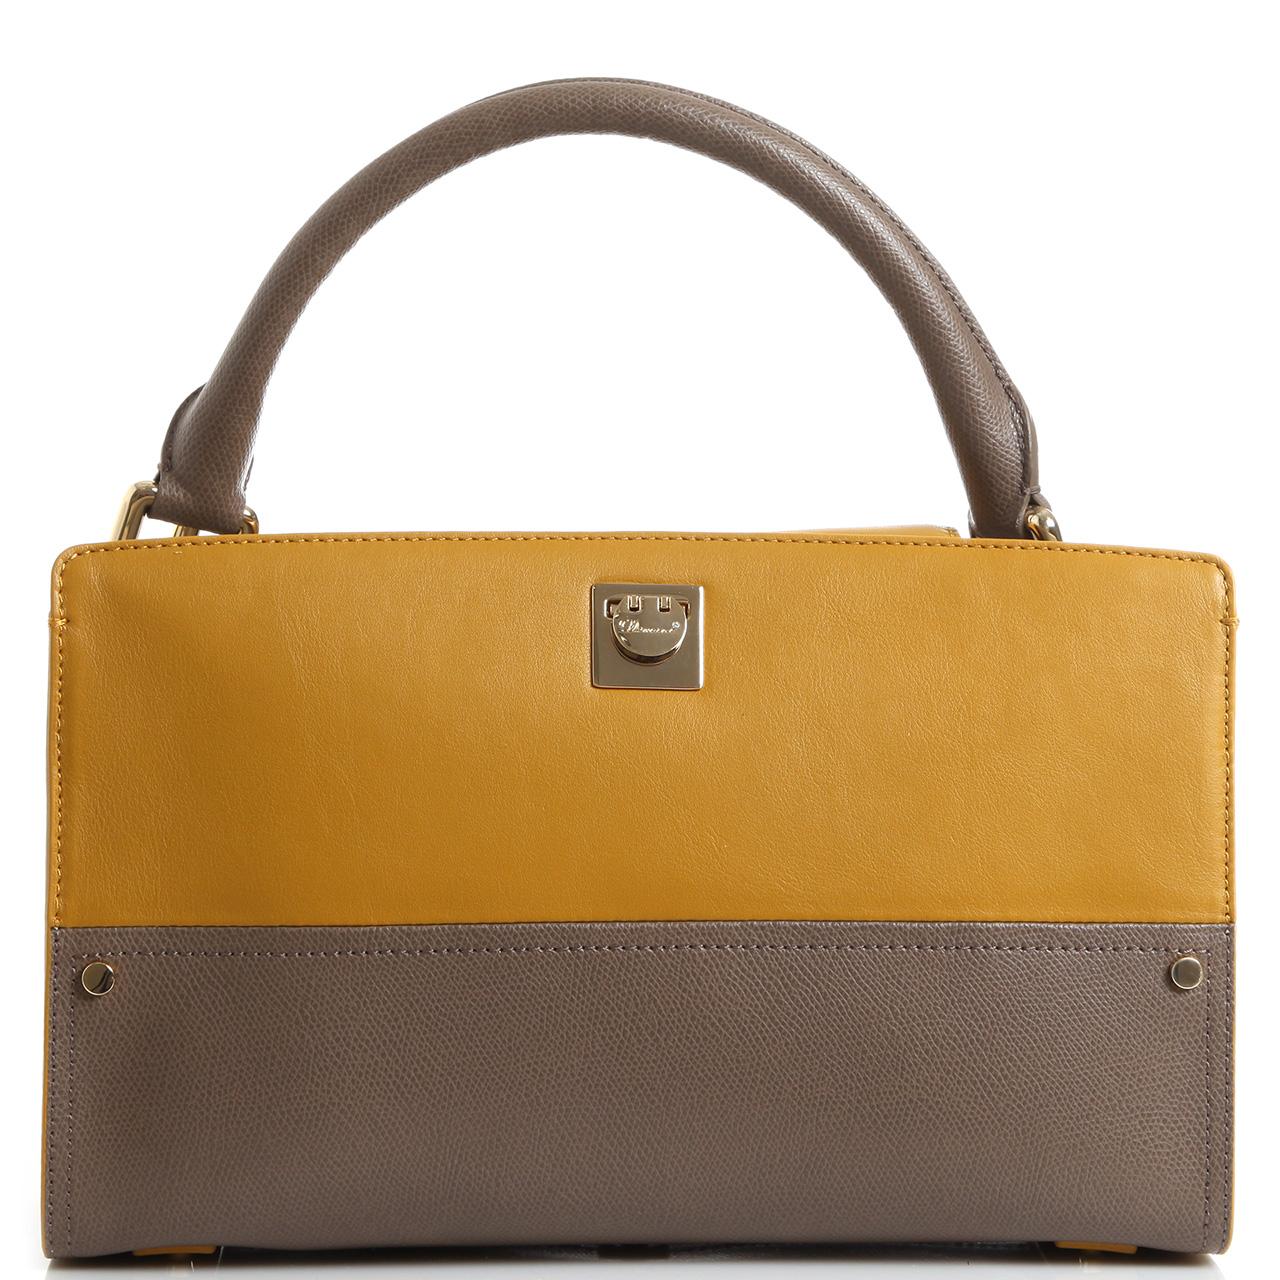 acb6152d07d5 Распродажа кожаных сумок, аксессуаров и обуви в интернет-магазине Домани ( Domani) - Москва